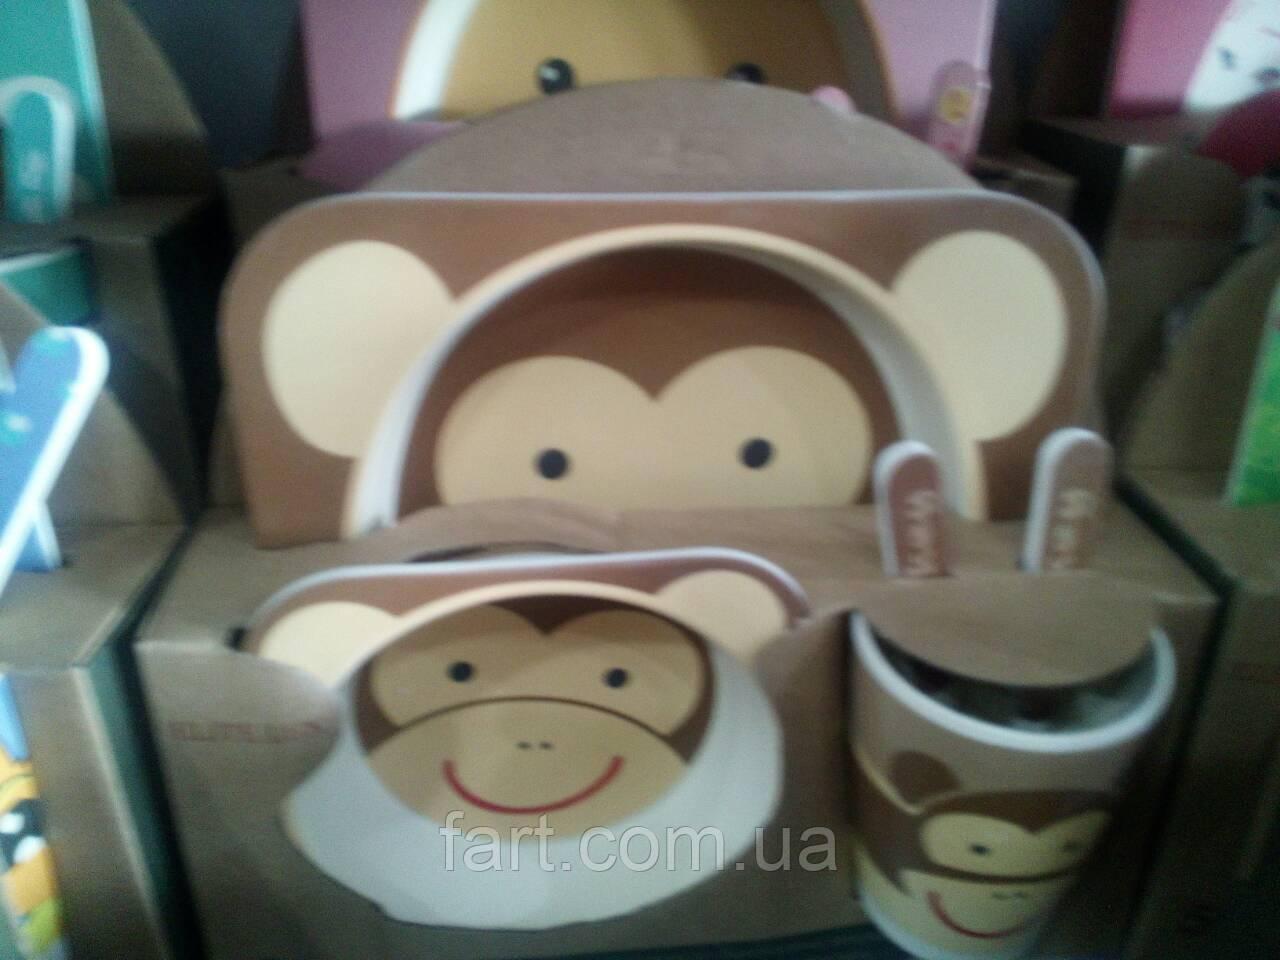 Набор детской посуды из бамбукового волокна Bamboo Fibre kids